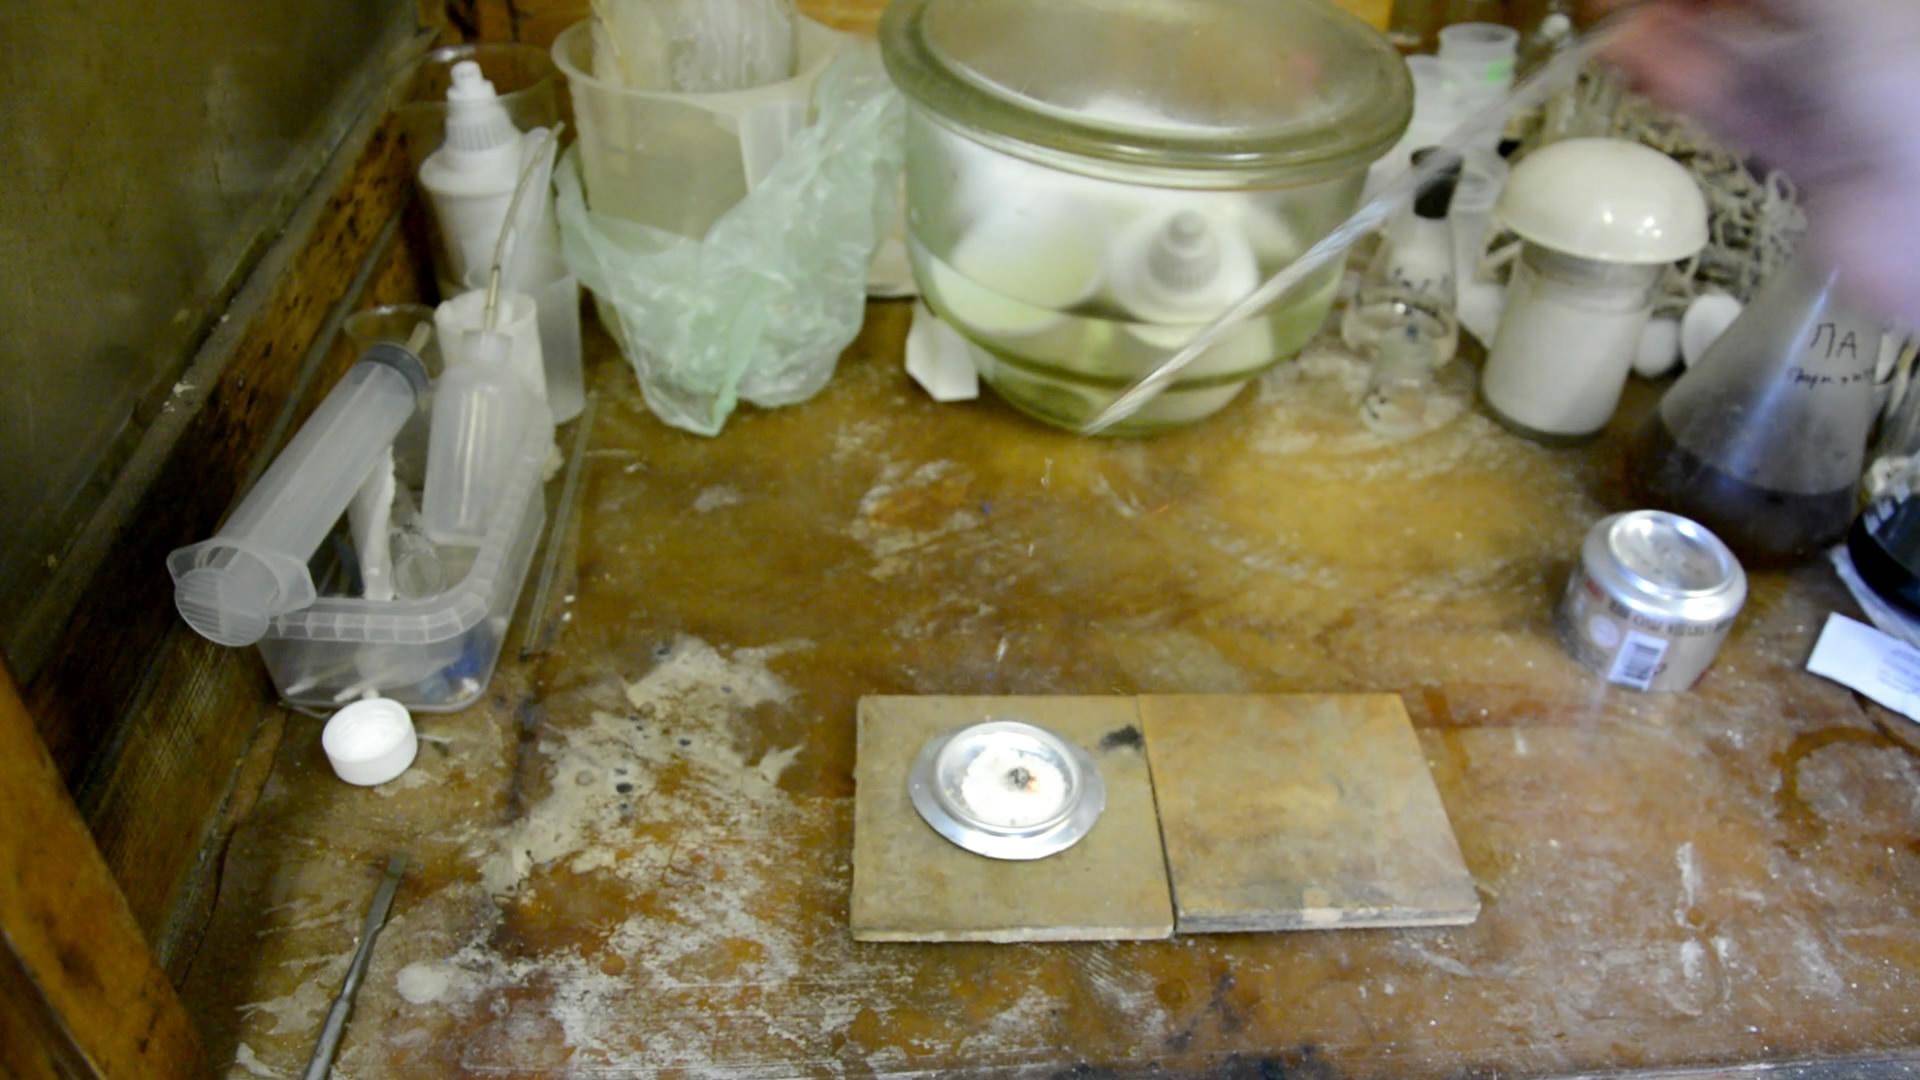 Вспышка смеси хлората калия и сахара от капли серной кислоты